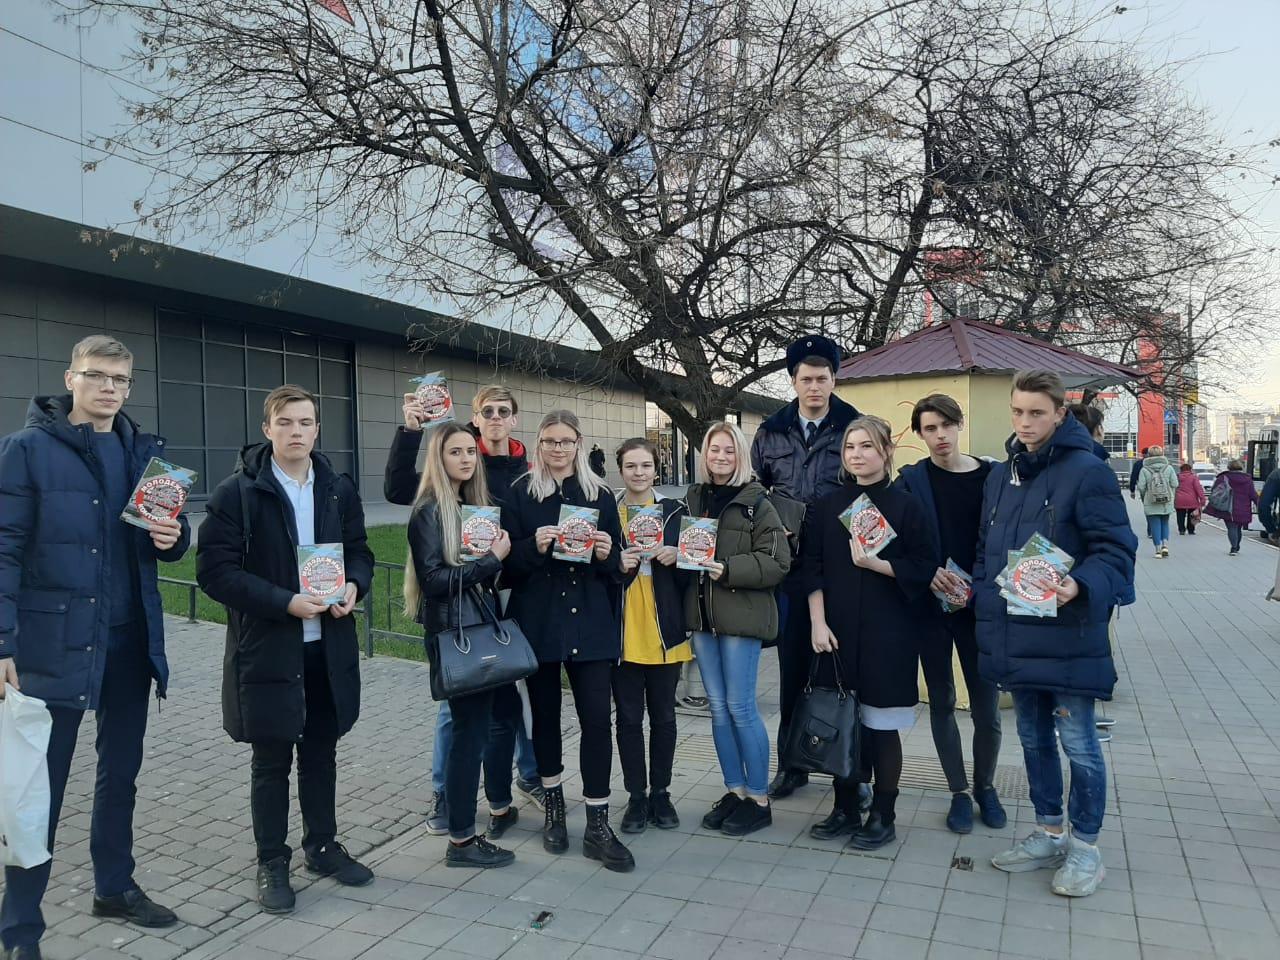 Сегодня, 11 ноября 2019 года в городе Новороссийске Ученическим советом совместно отделом ГИБДД МВД по городу Новороссийску провели акцию «Грамотныйводитель».